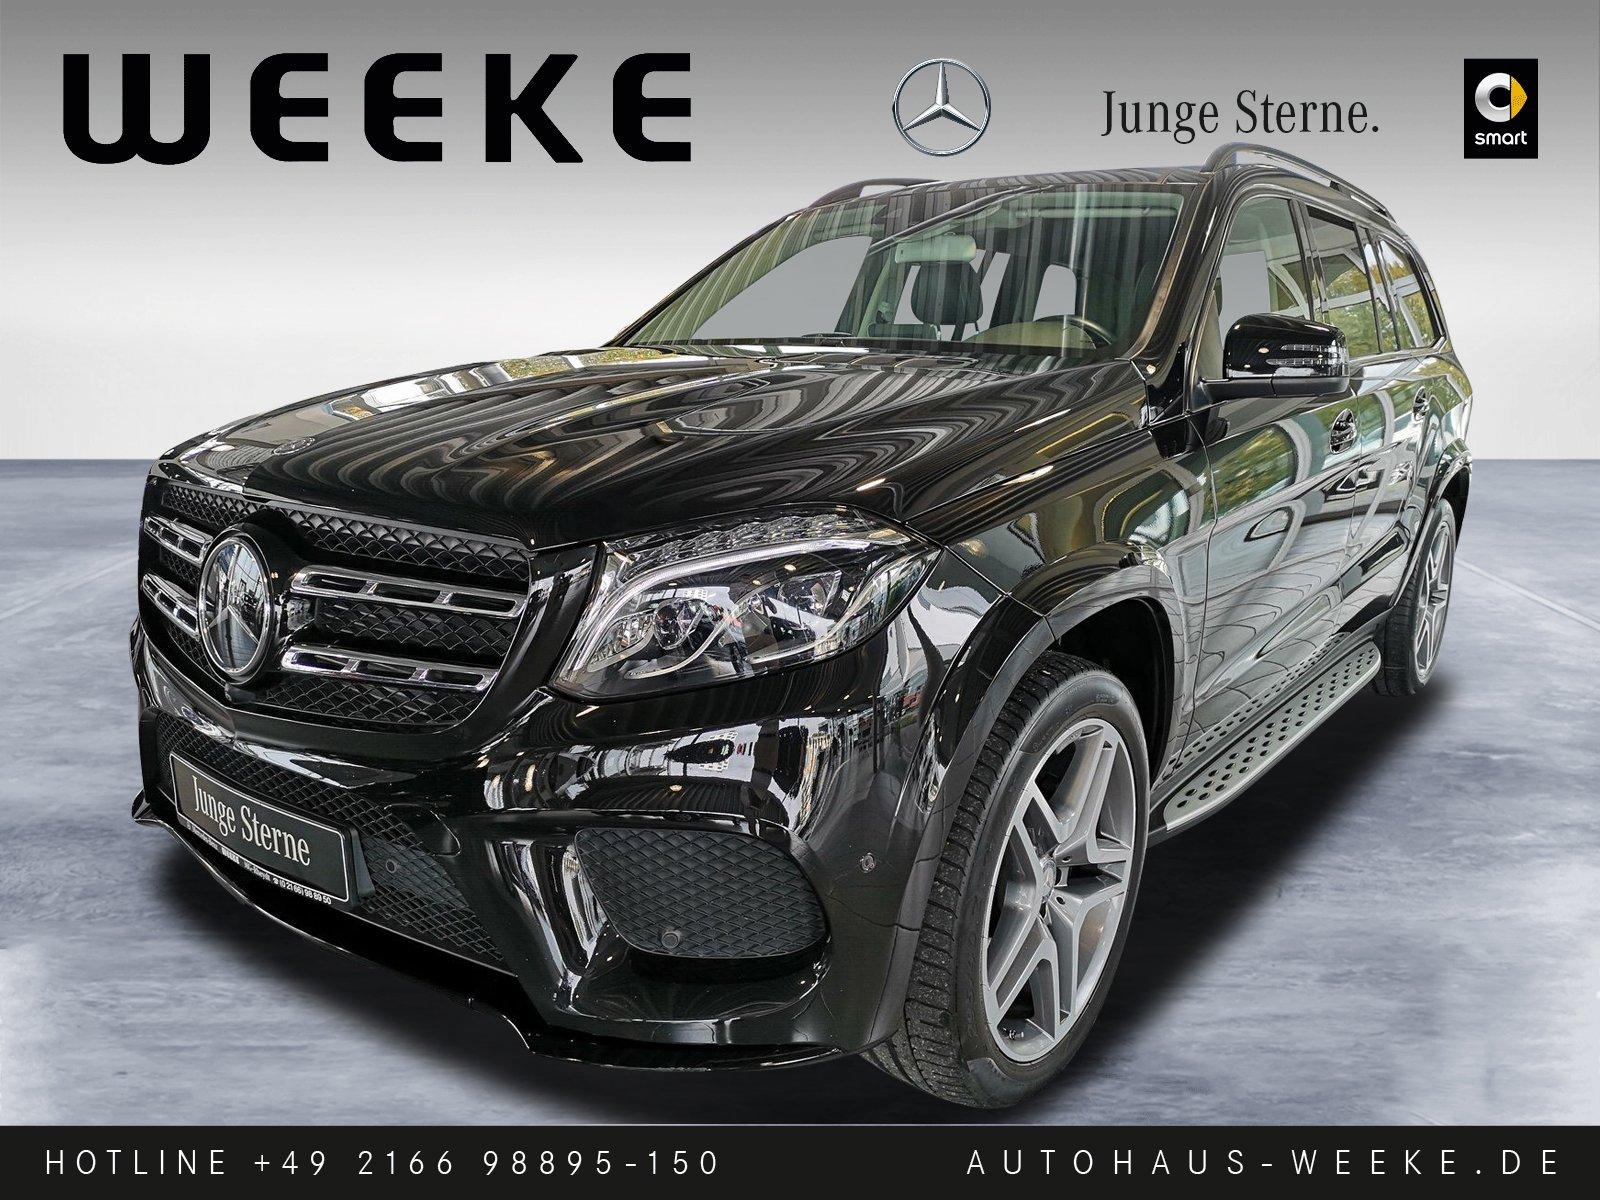 Mercedes-Benz GLS 350 d 4M AMG+AHK+PANORAMA-SD+360°CAM+DISTRON, Jahr 2016, Diesel